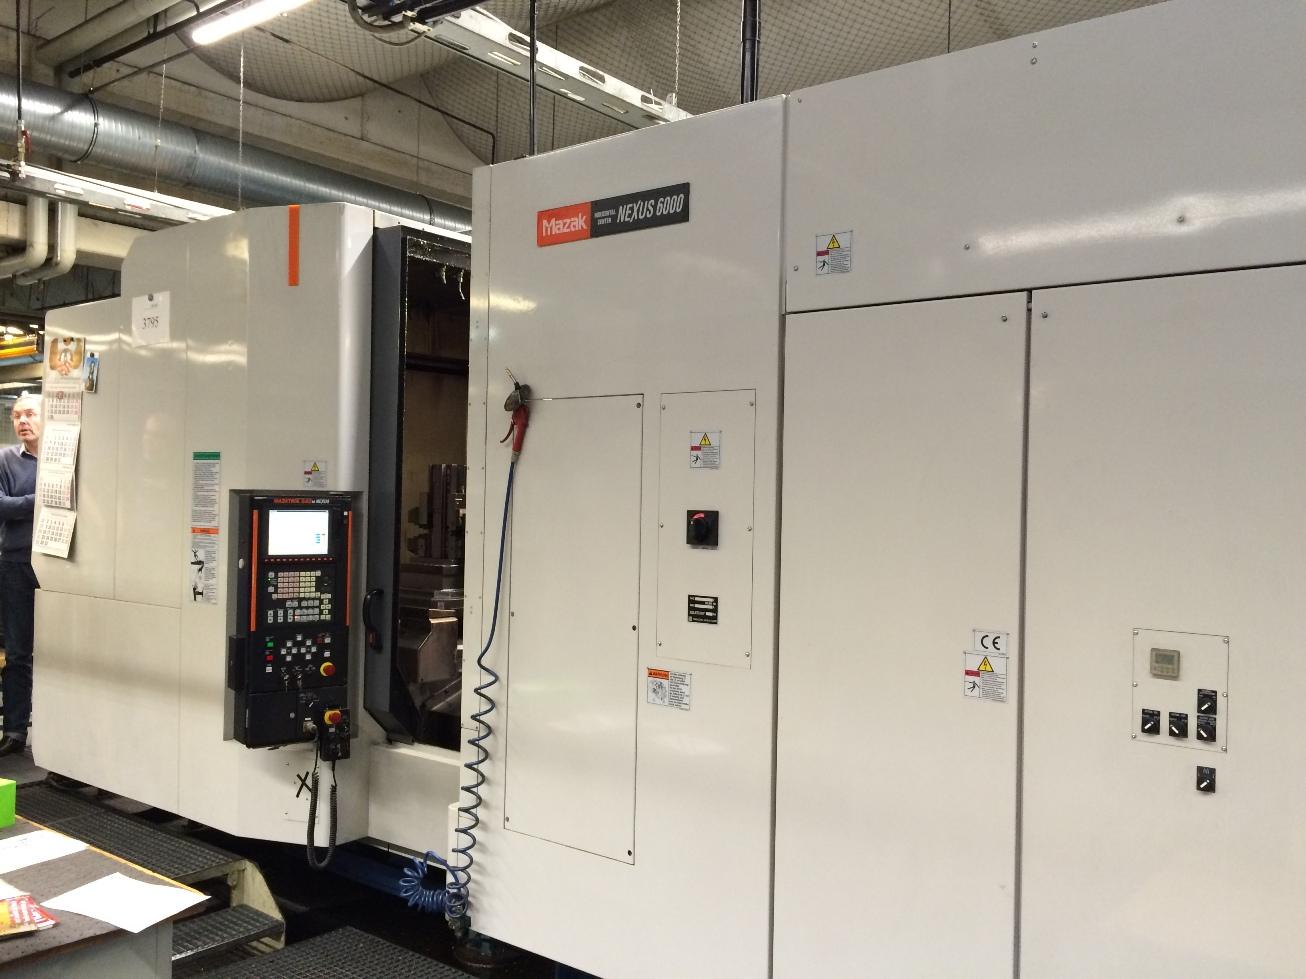 Mazak NEXUS 6000 Machining center - horizontal - Exapro